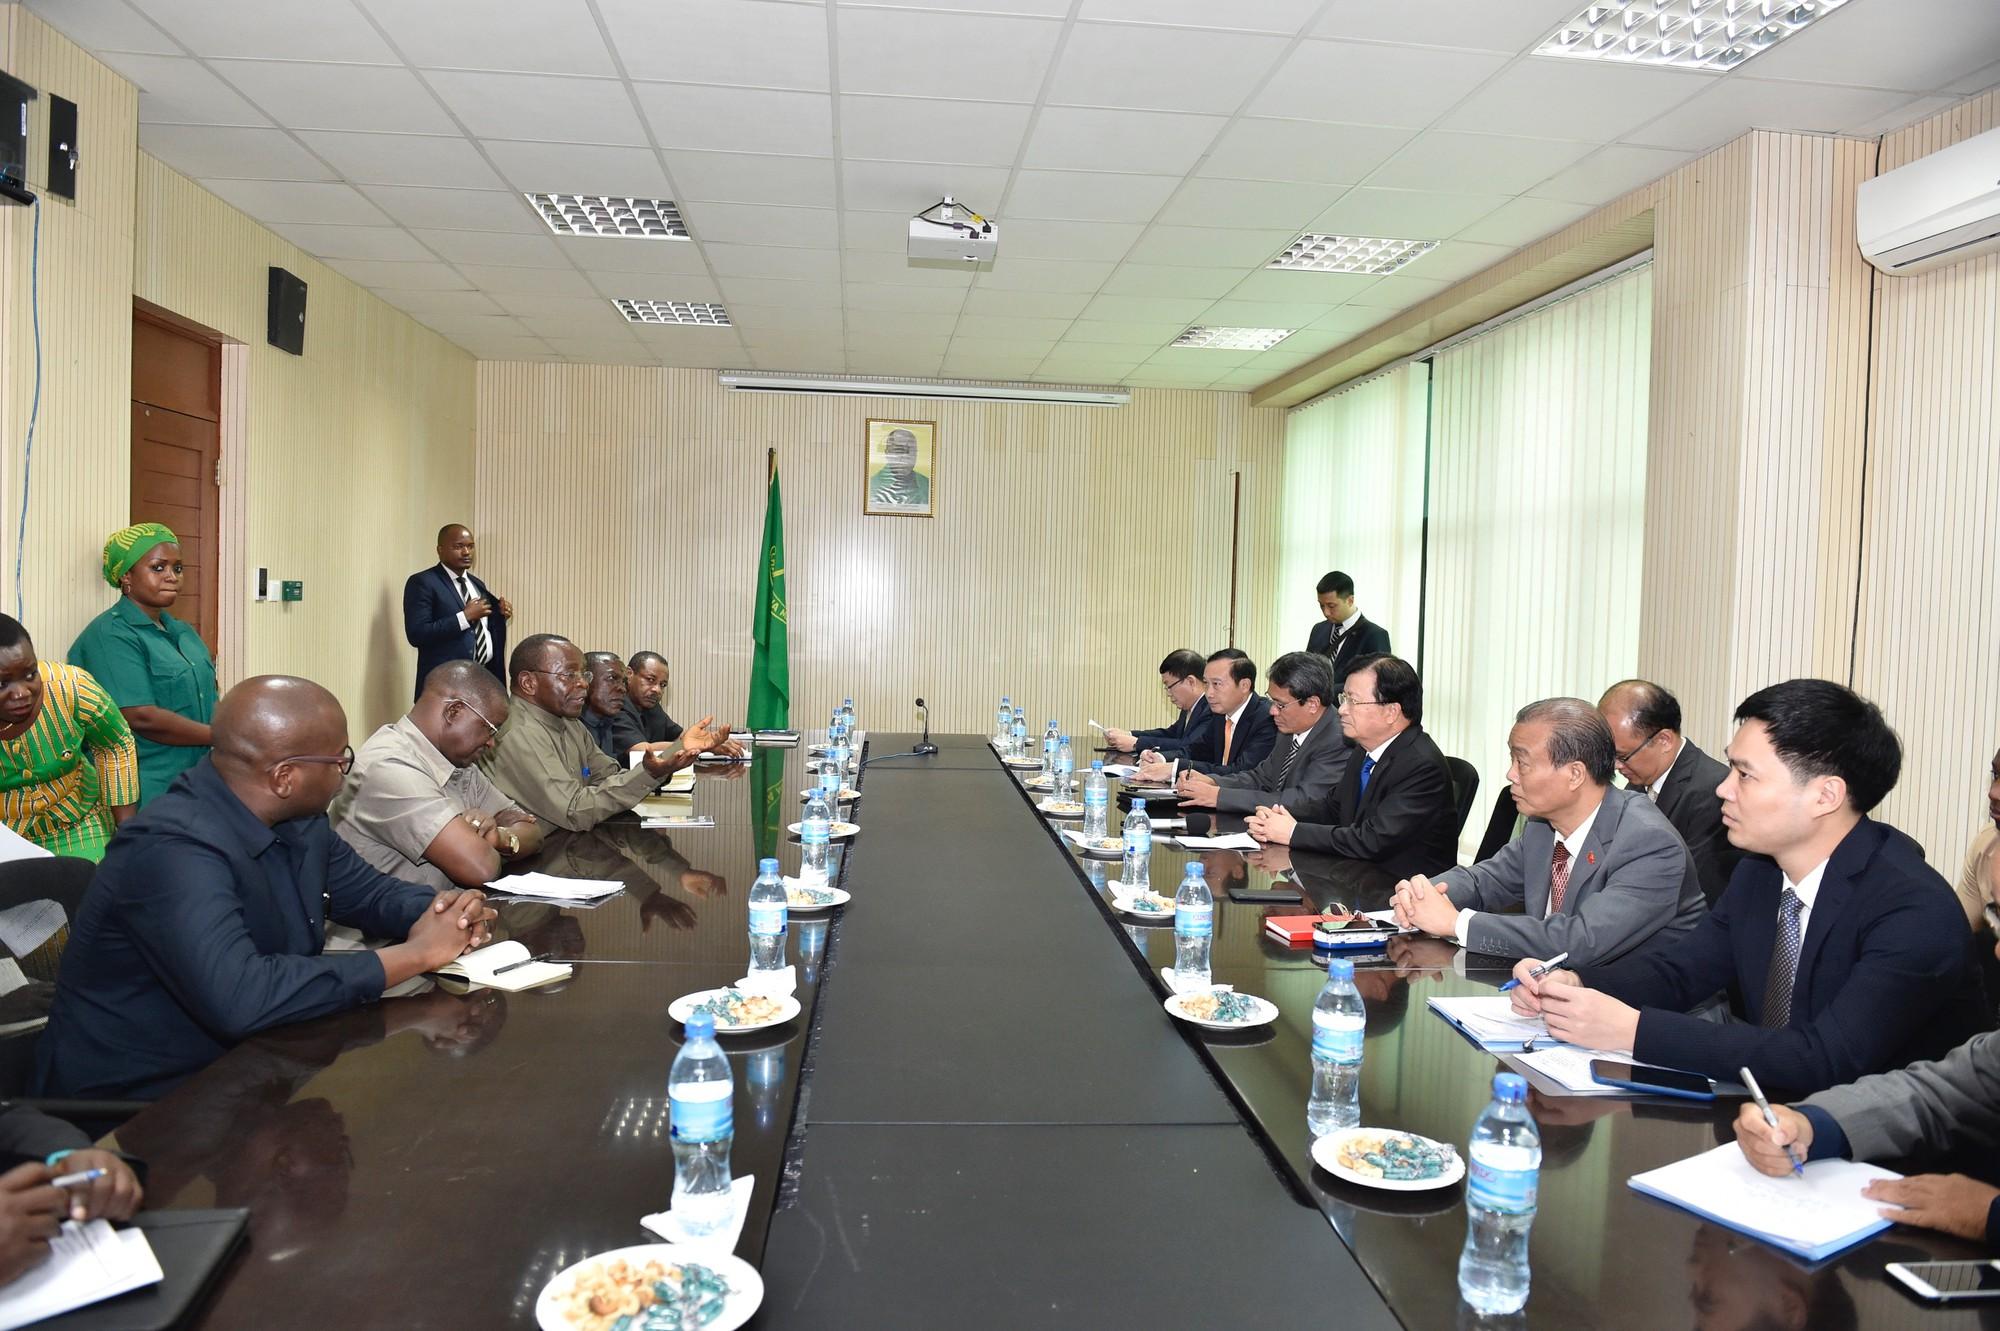 Tăng cường quan hệ chính trị, khuyến khích hợp tác doanh nghiệp Việt Nam-Tanzania - Ảnh 4.